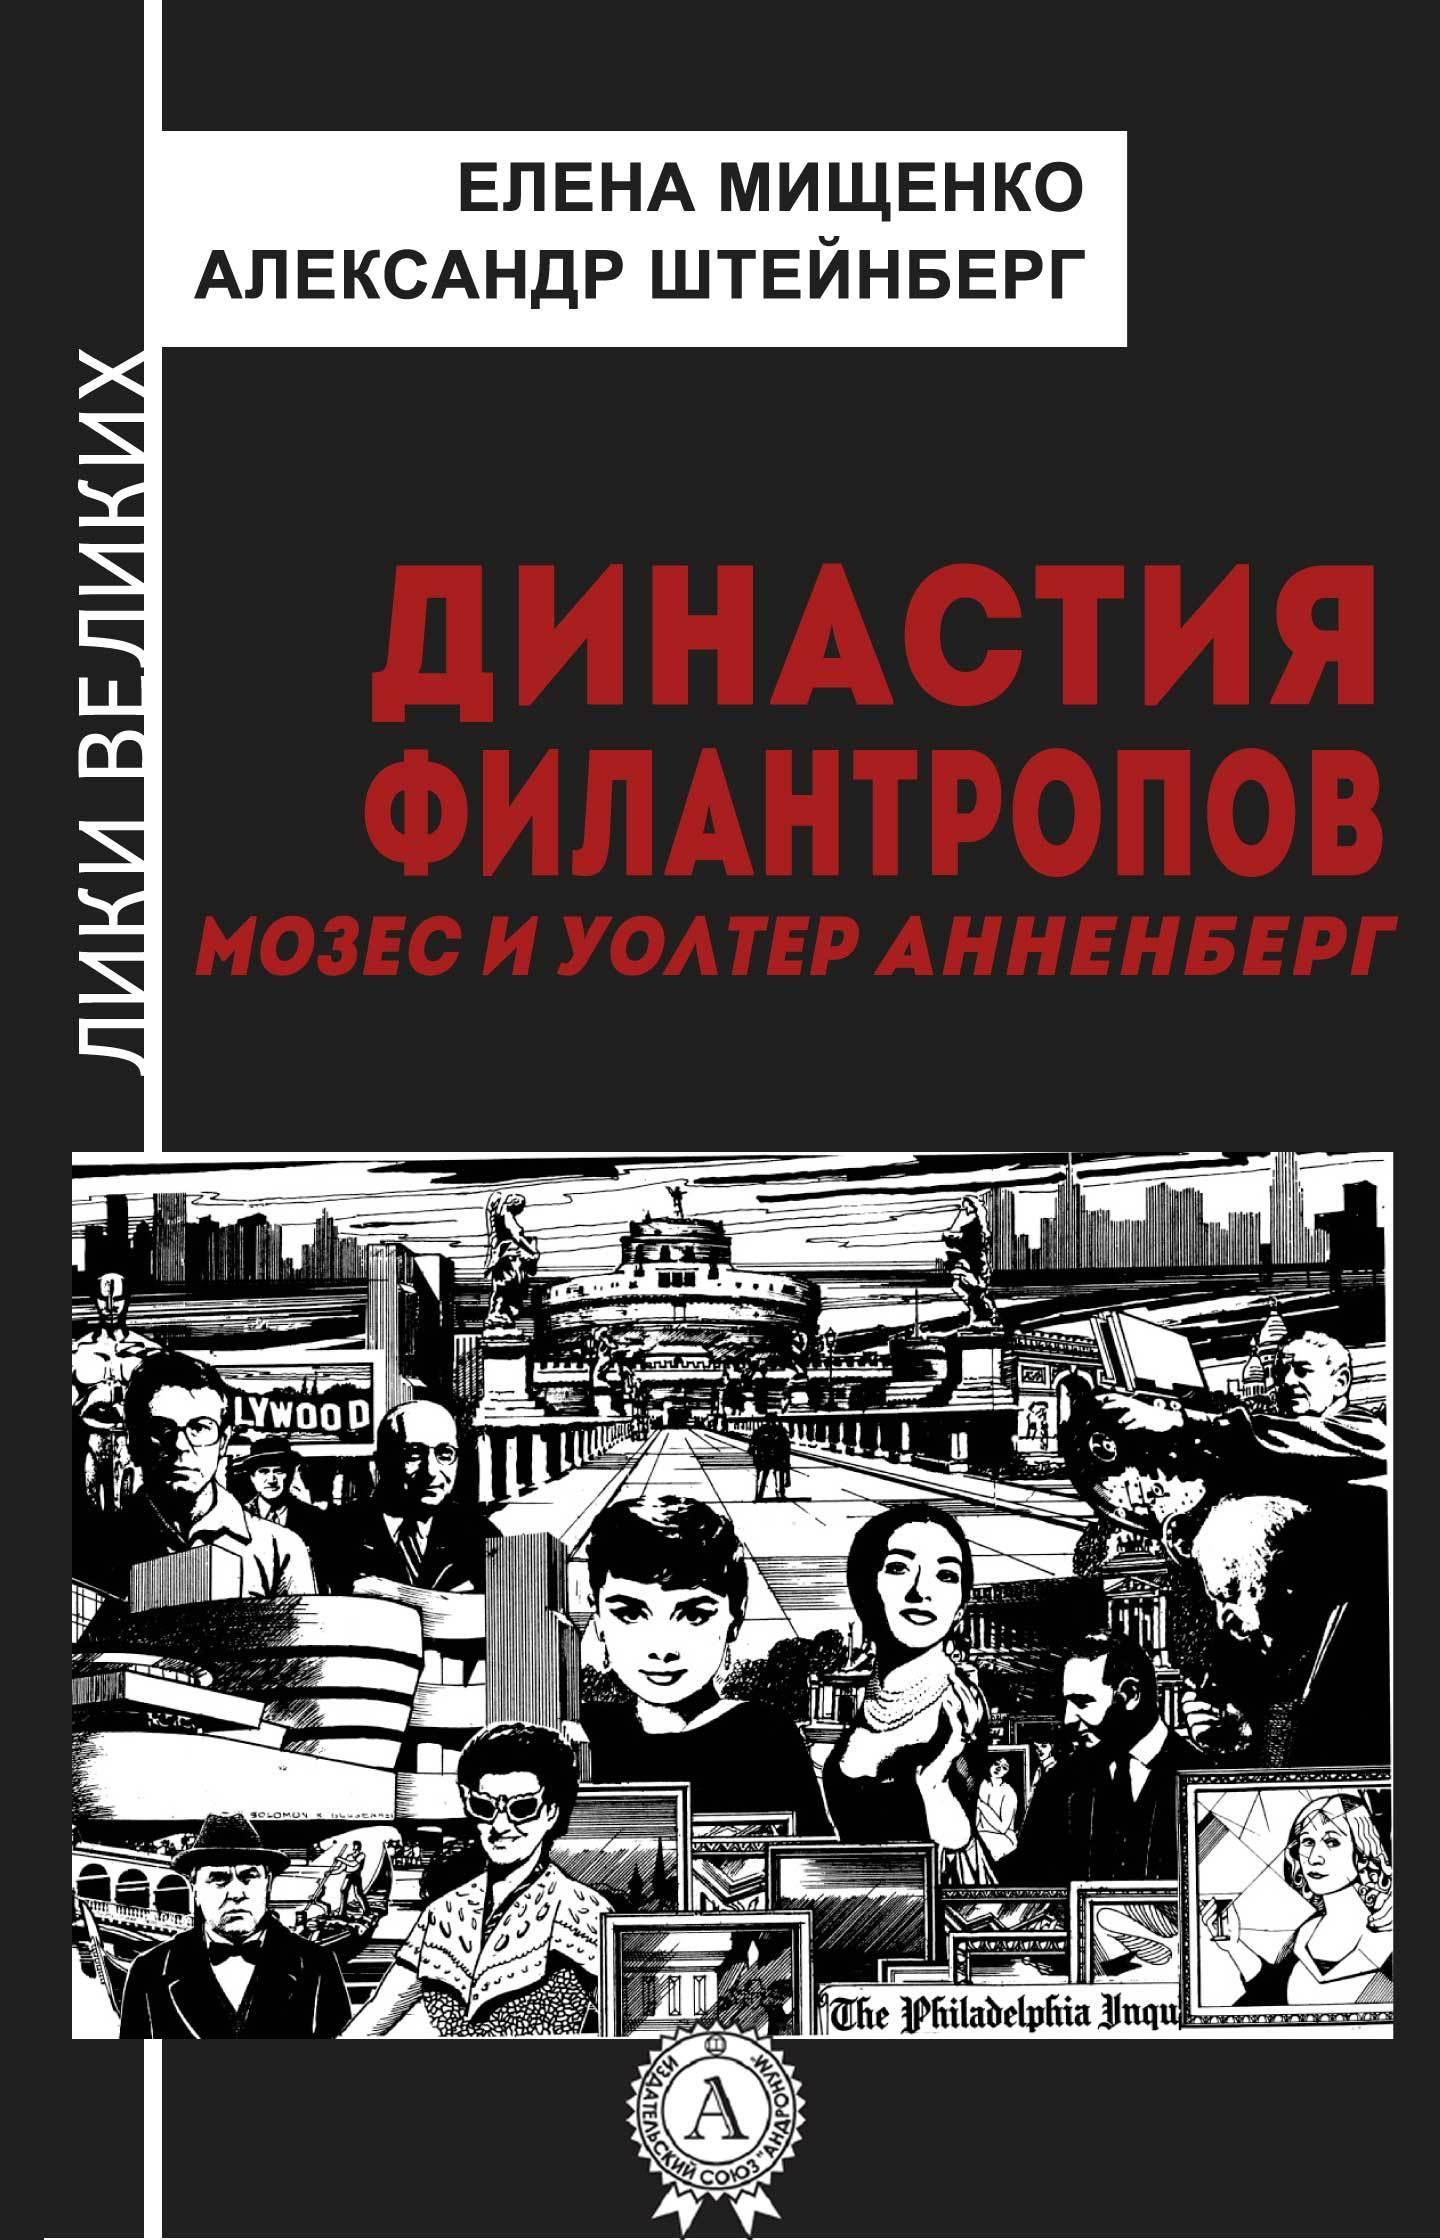 занимательное описание в книге Елена Мищенко